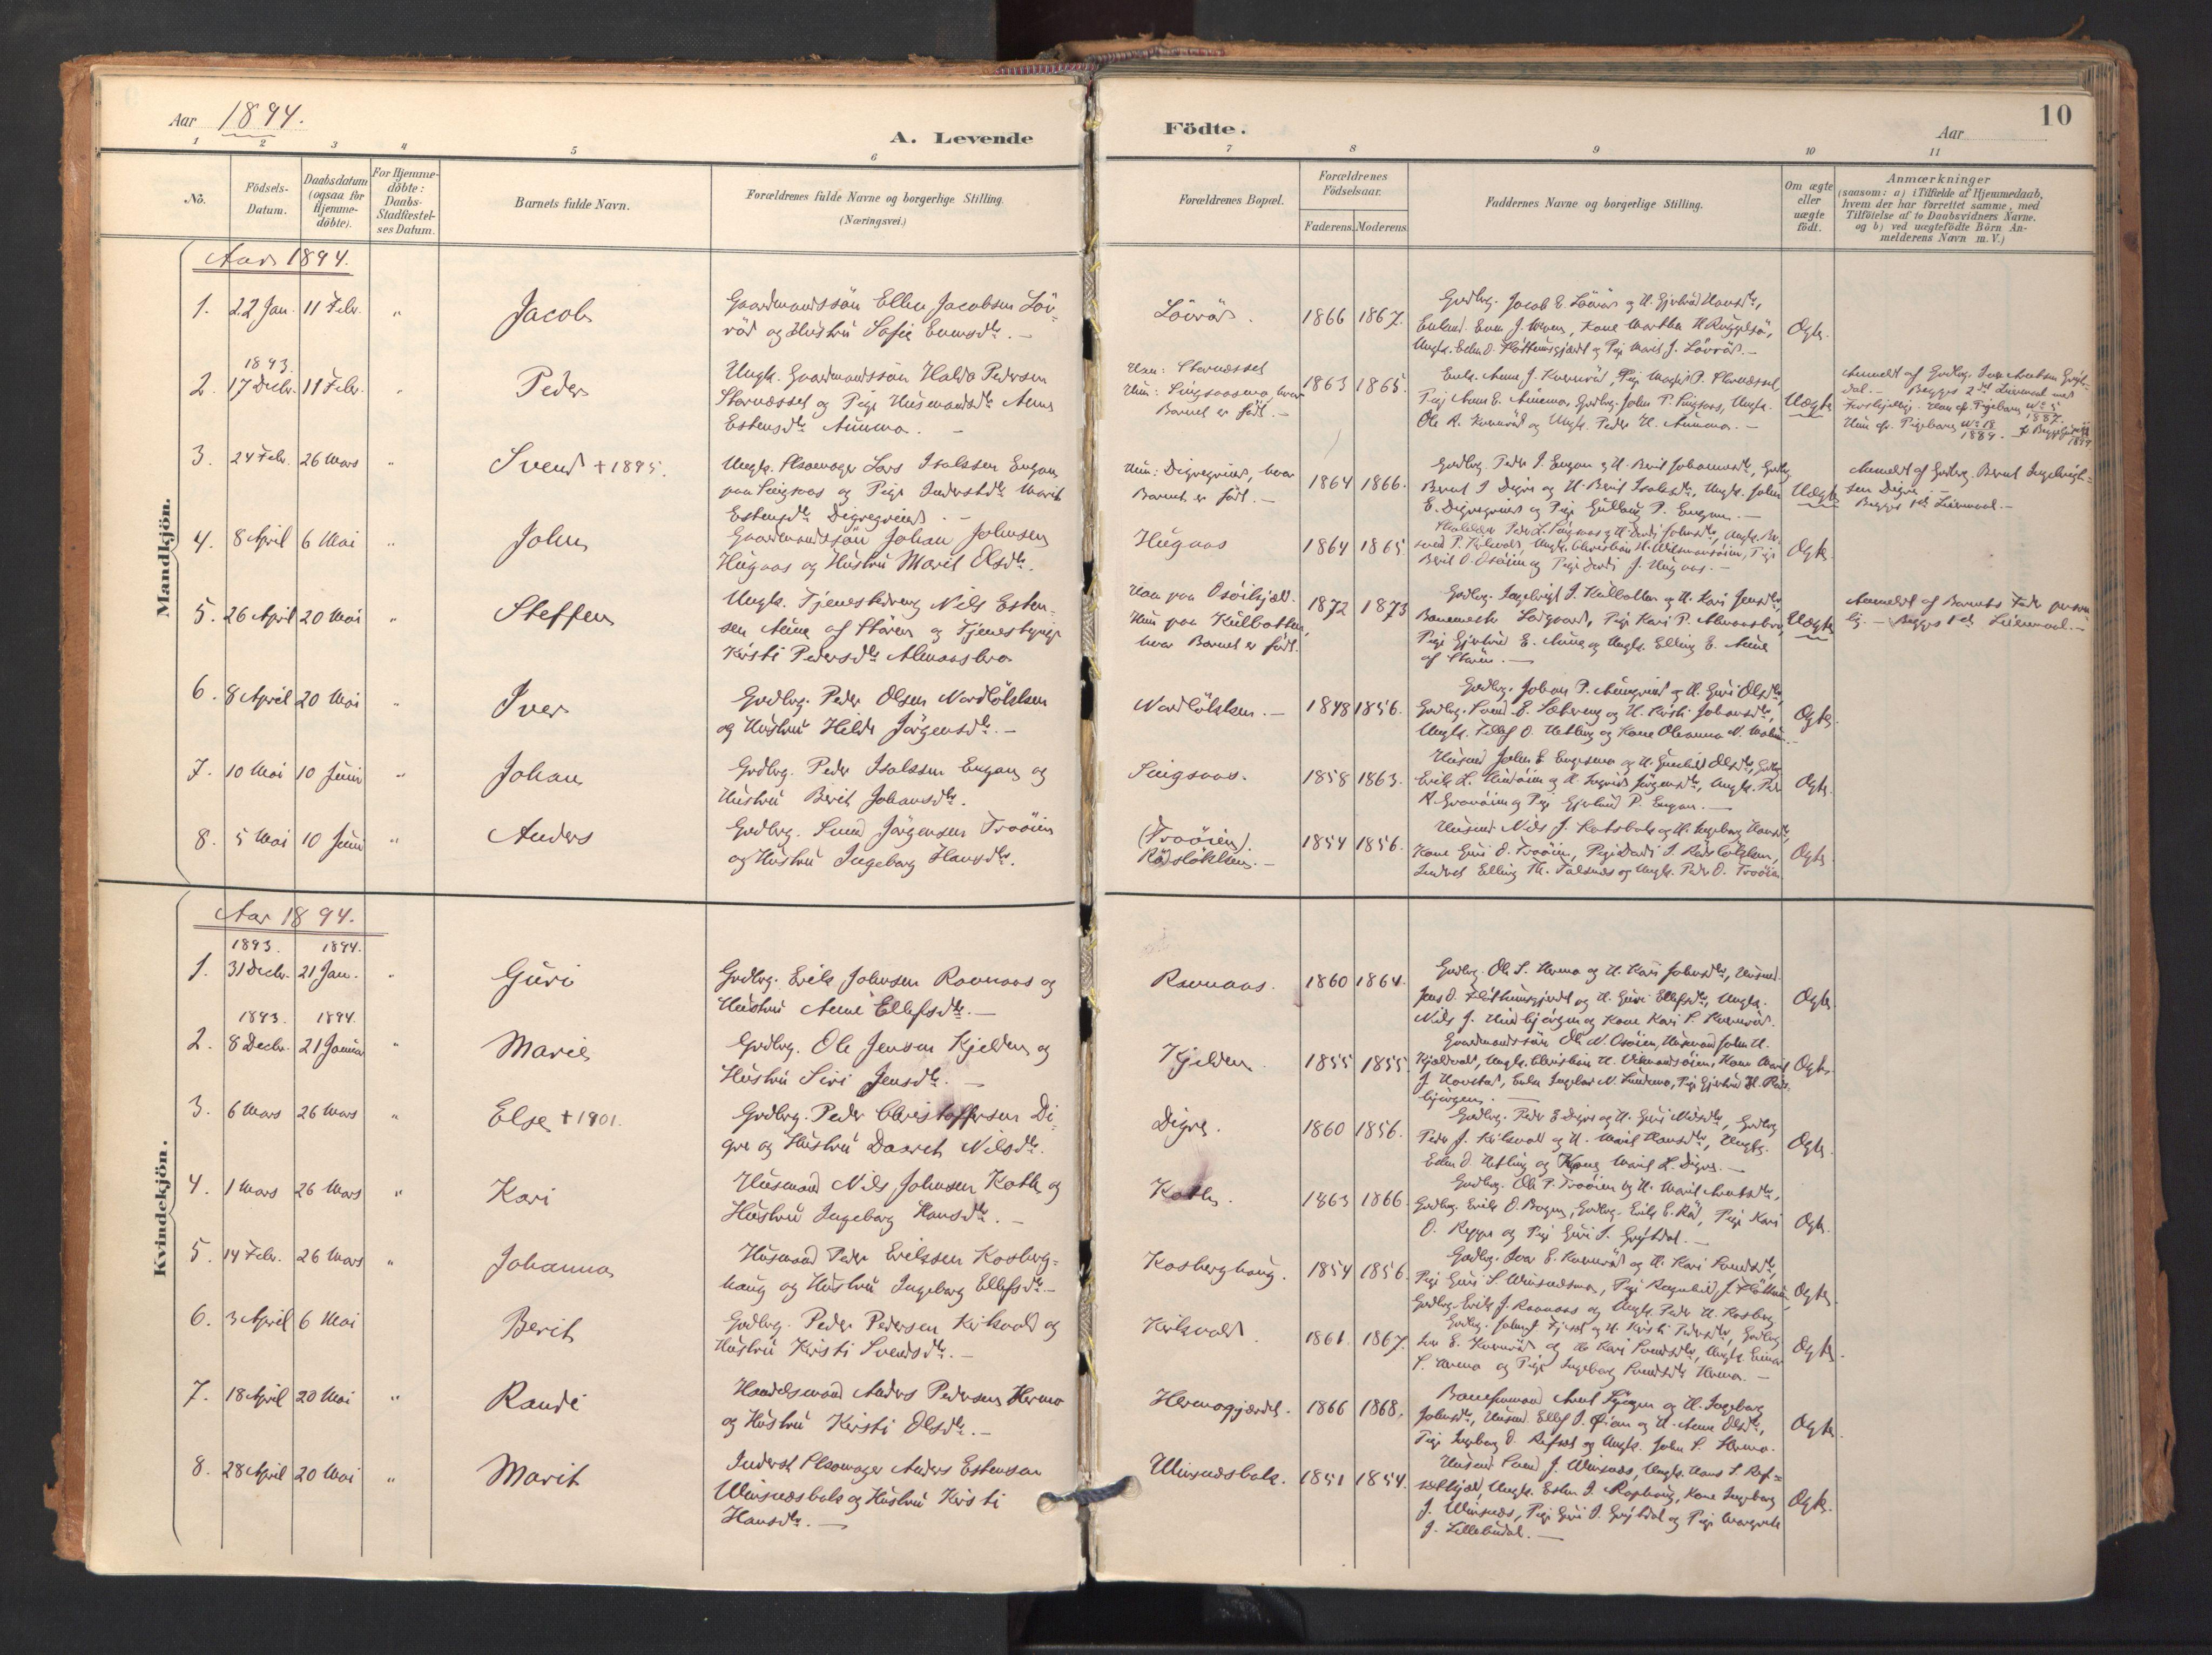 SAT, Ministerialprotokoller, klokkerbøker og fødselsregistre - Sør-Trøndelag, 688/L1025: Ministerialbok nr. 688A02, 1891-1909, s. 10